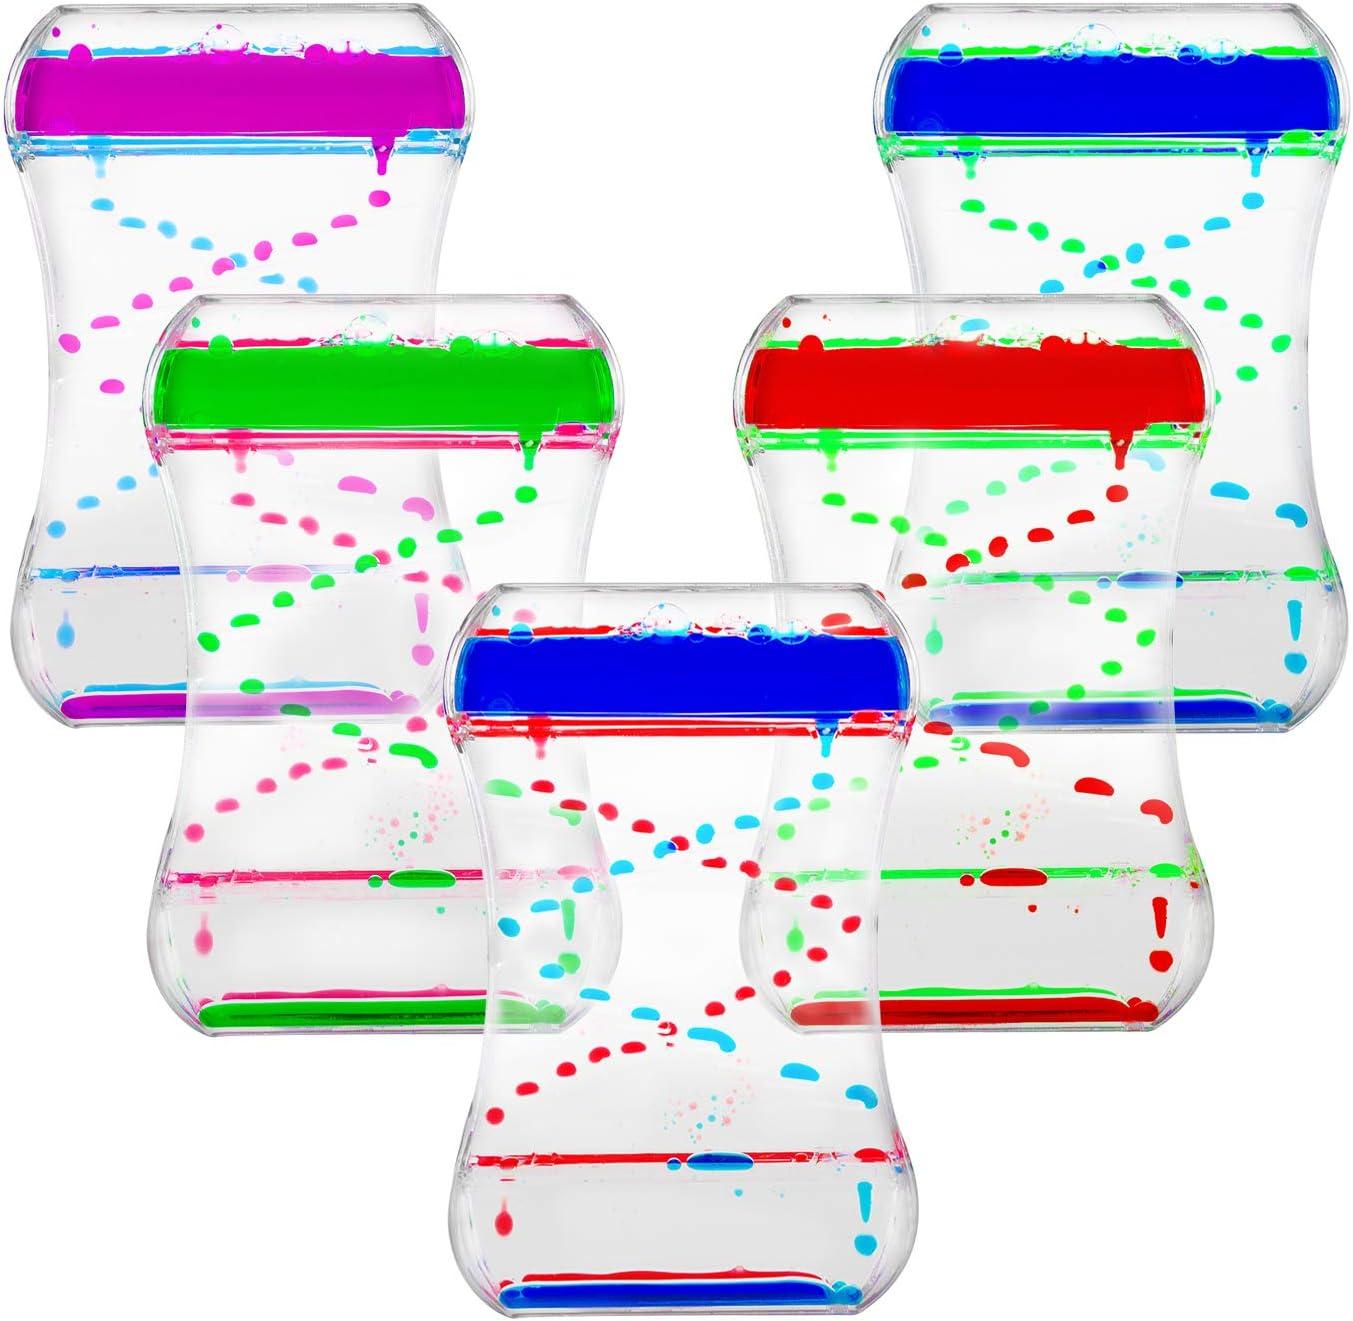 Super Z Outlet Liquid Motion Bubbler for Sensory Play, Fidget Toy, Children Activity, Desk Top, Assorted Colors (Style #2)